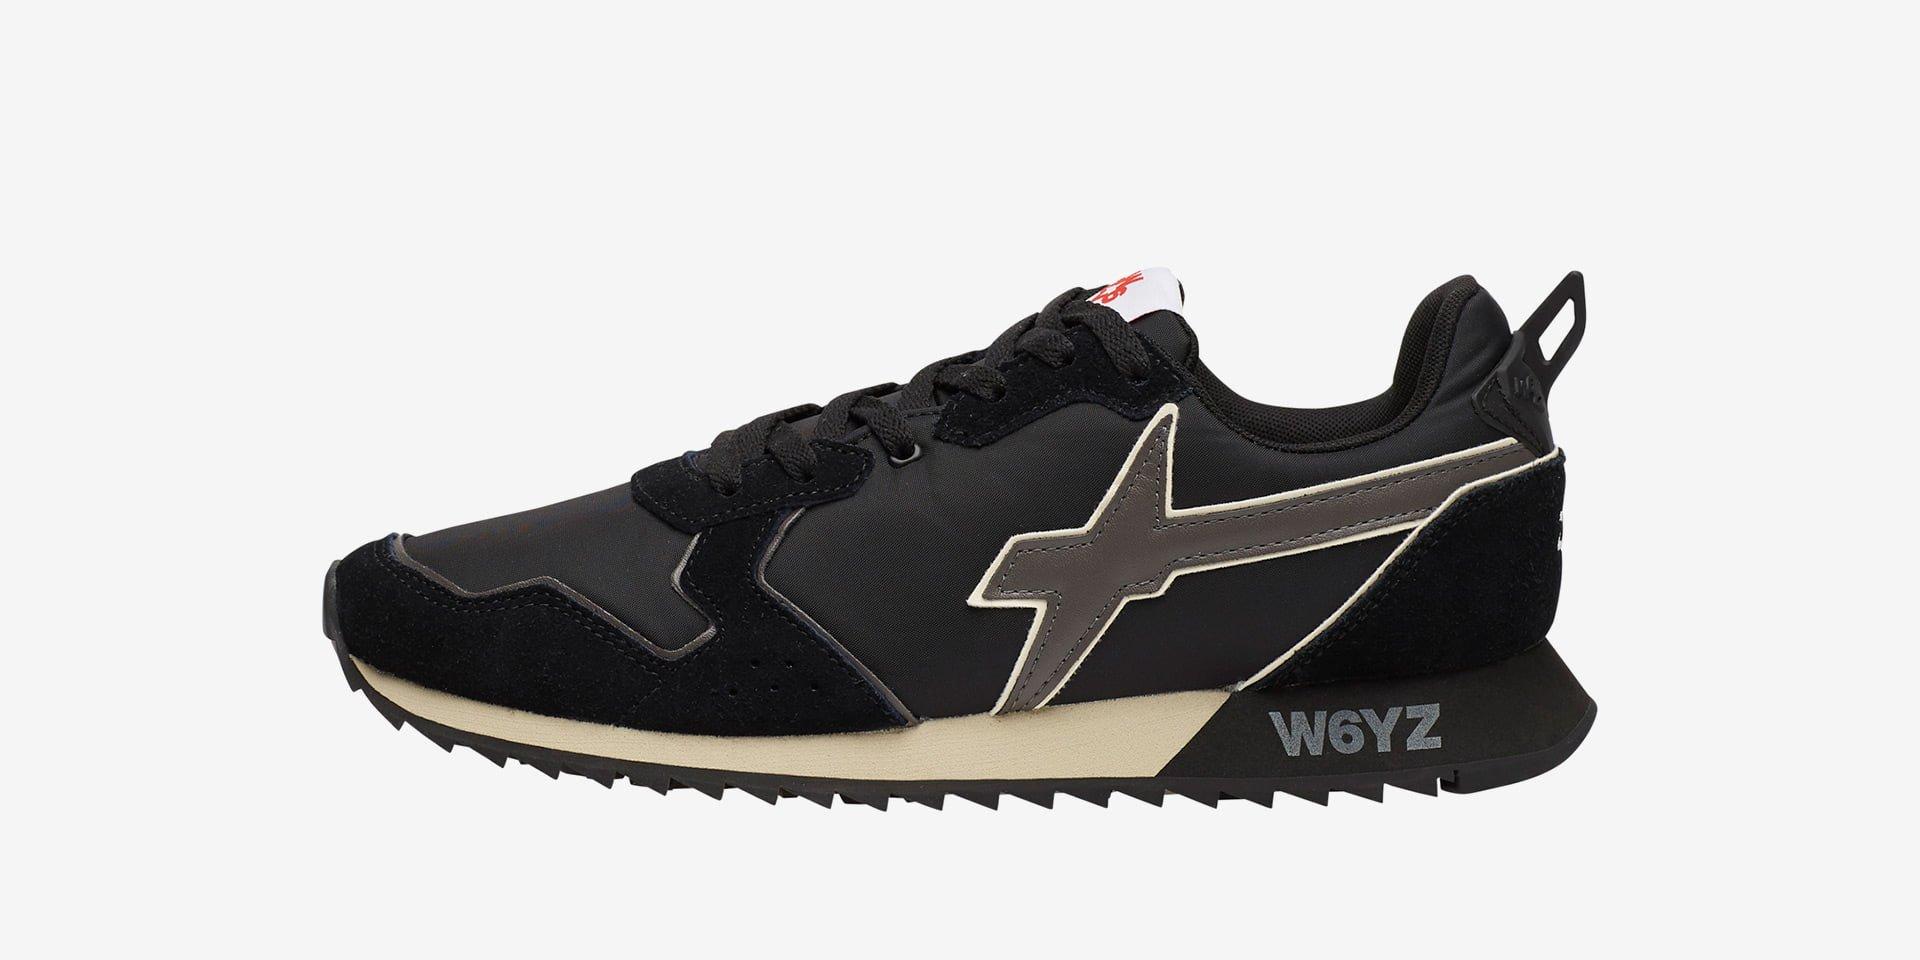 JET-M. - Sneaker in suede e tessuto tecnico - Nero